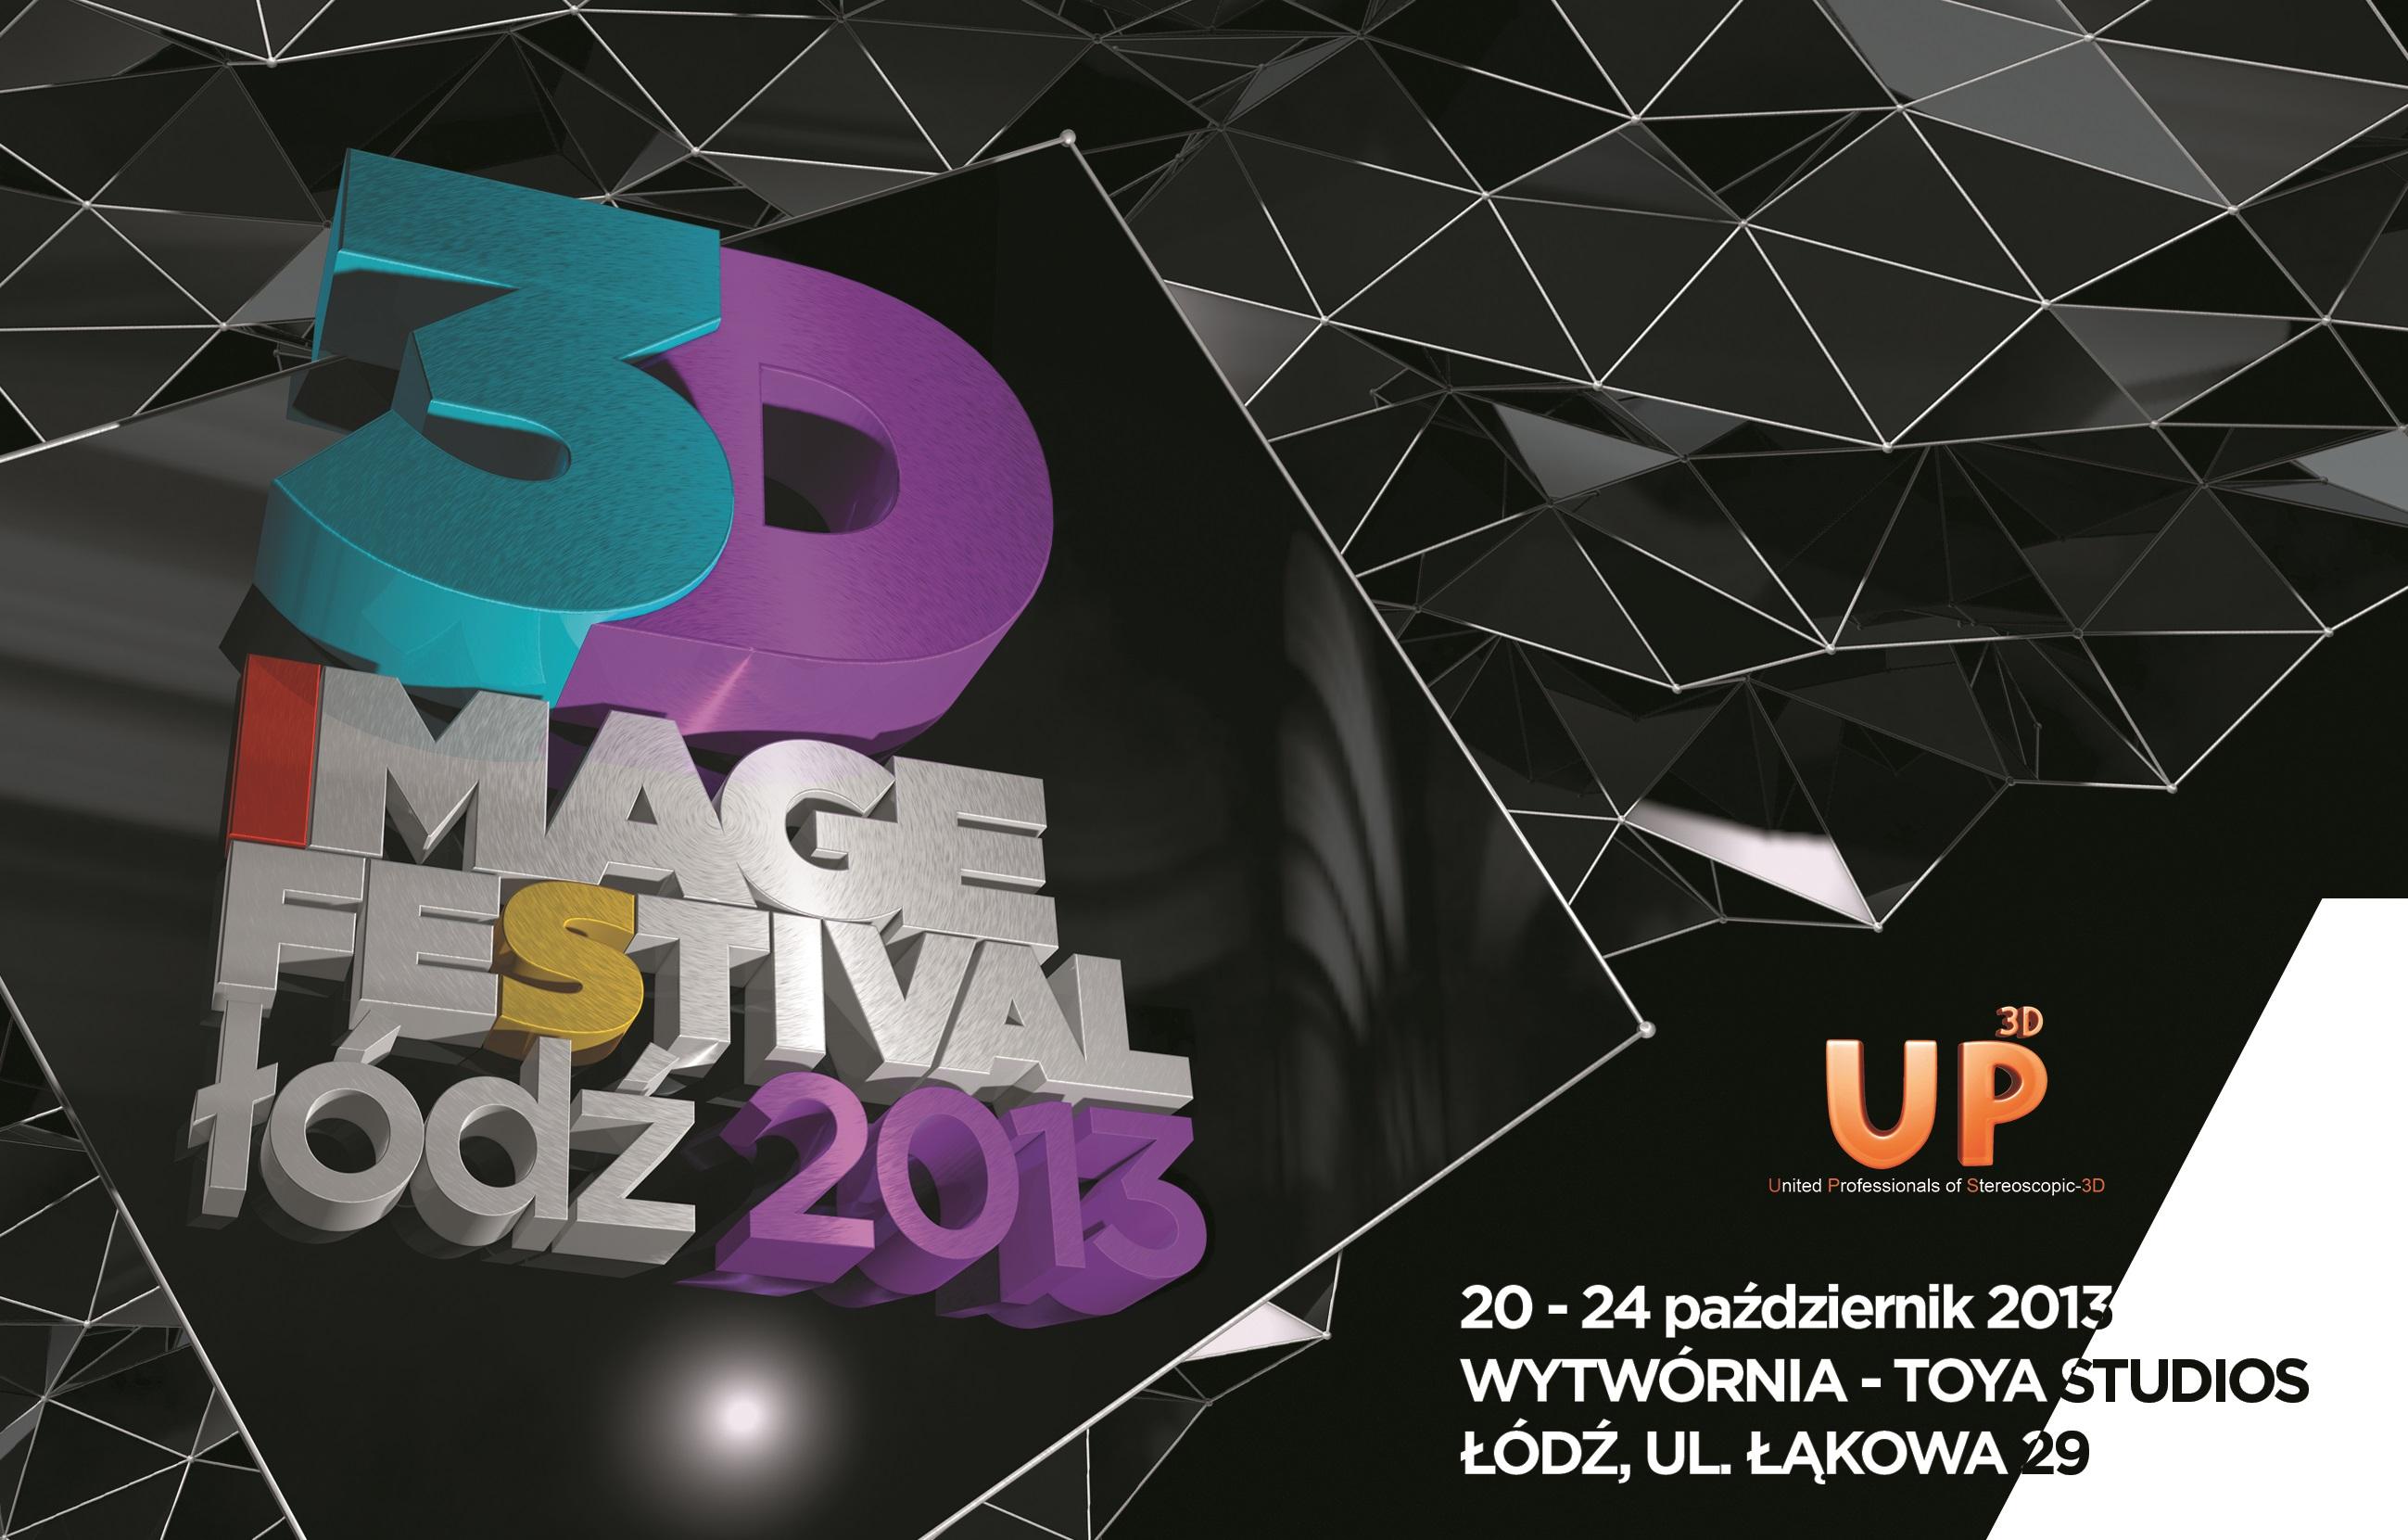 3D_Image_Festival_jpg